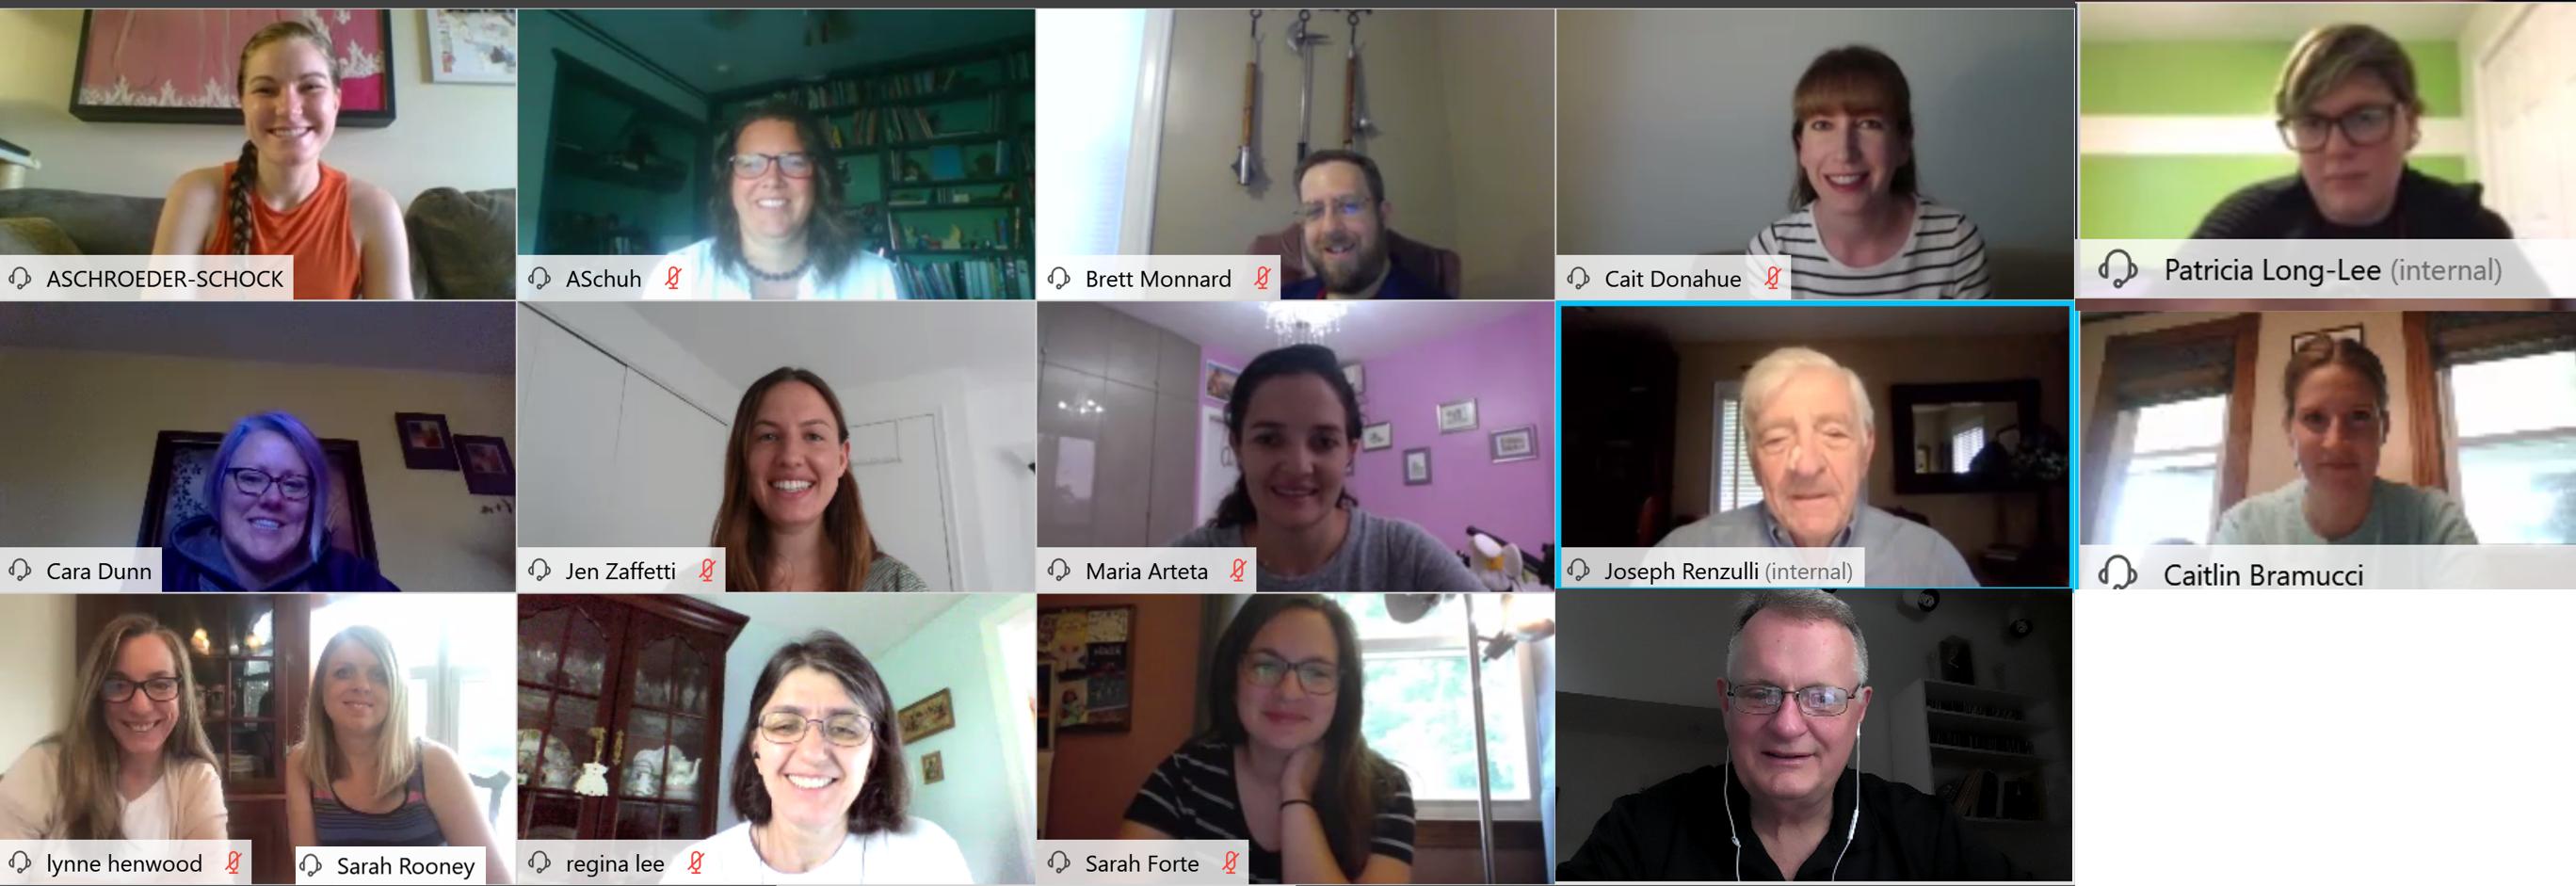 Screen shot of the 2020 Seminar class meeting via Webex